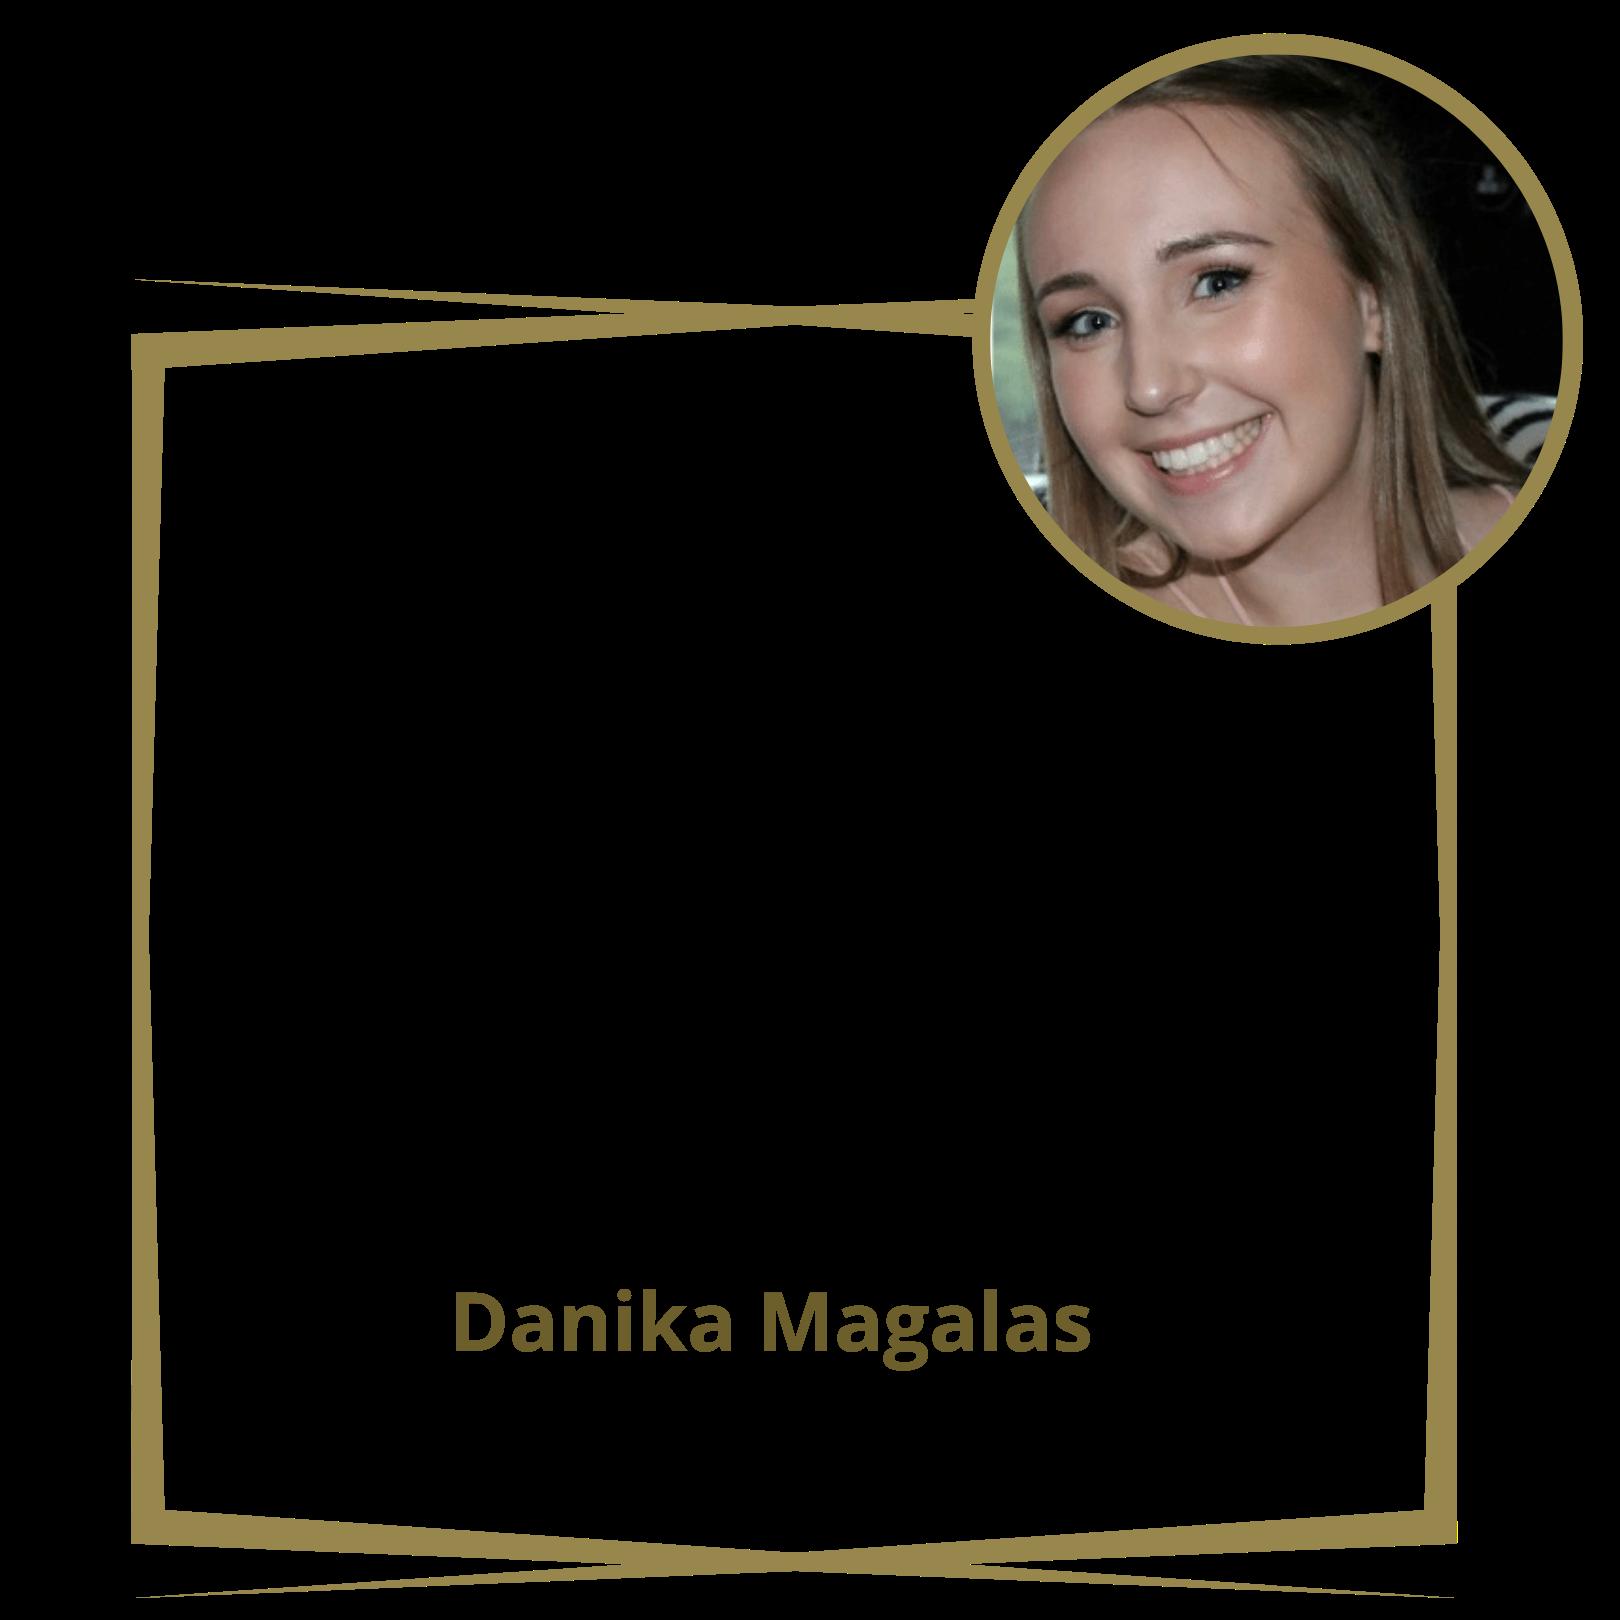 6 - Danika Magalas